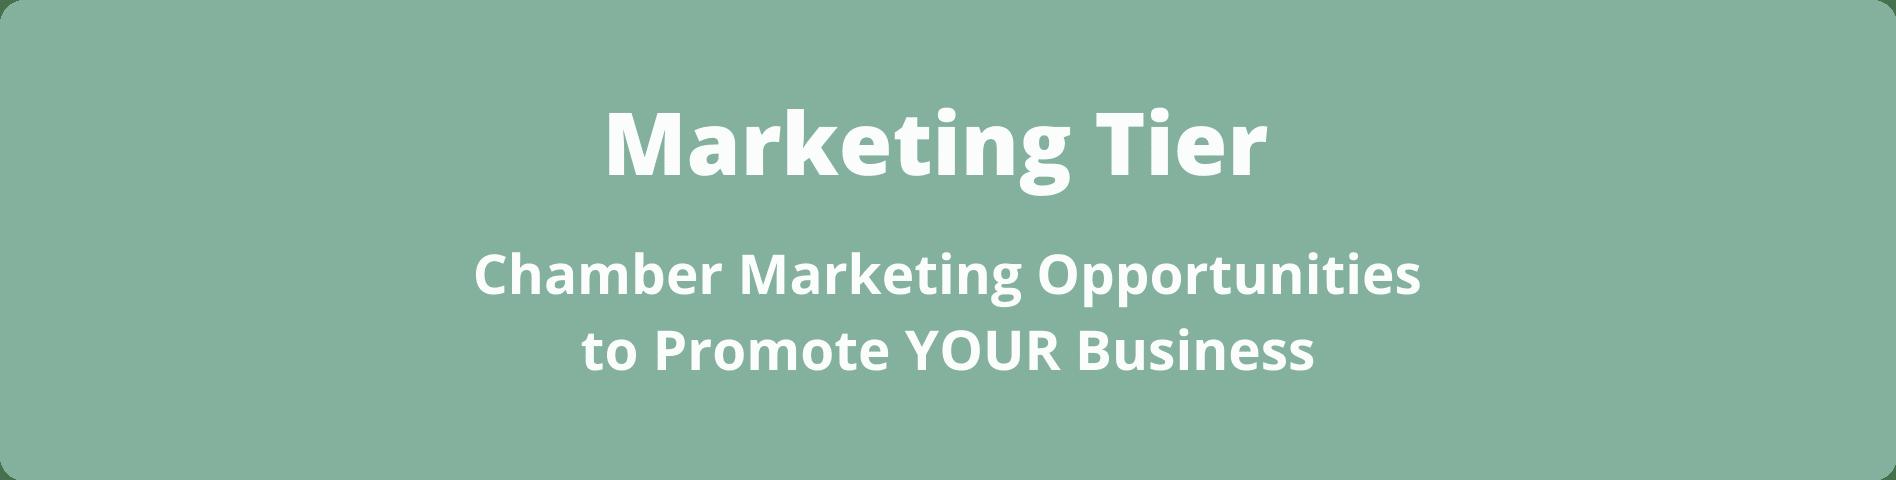 Marketing-Tier.jpg